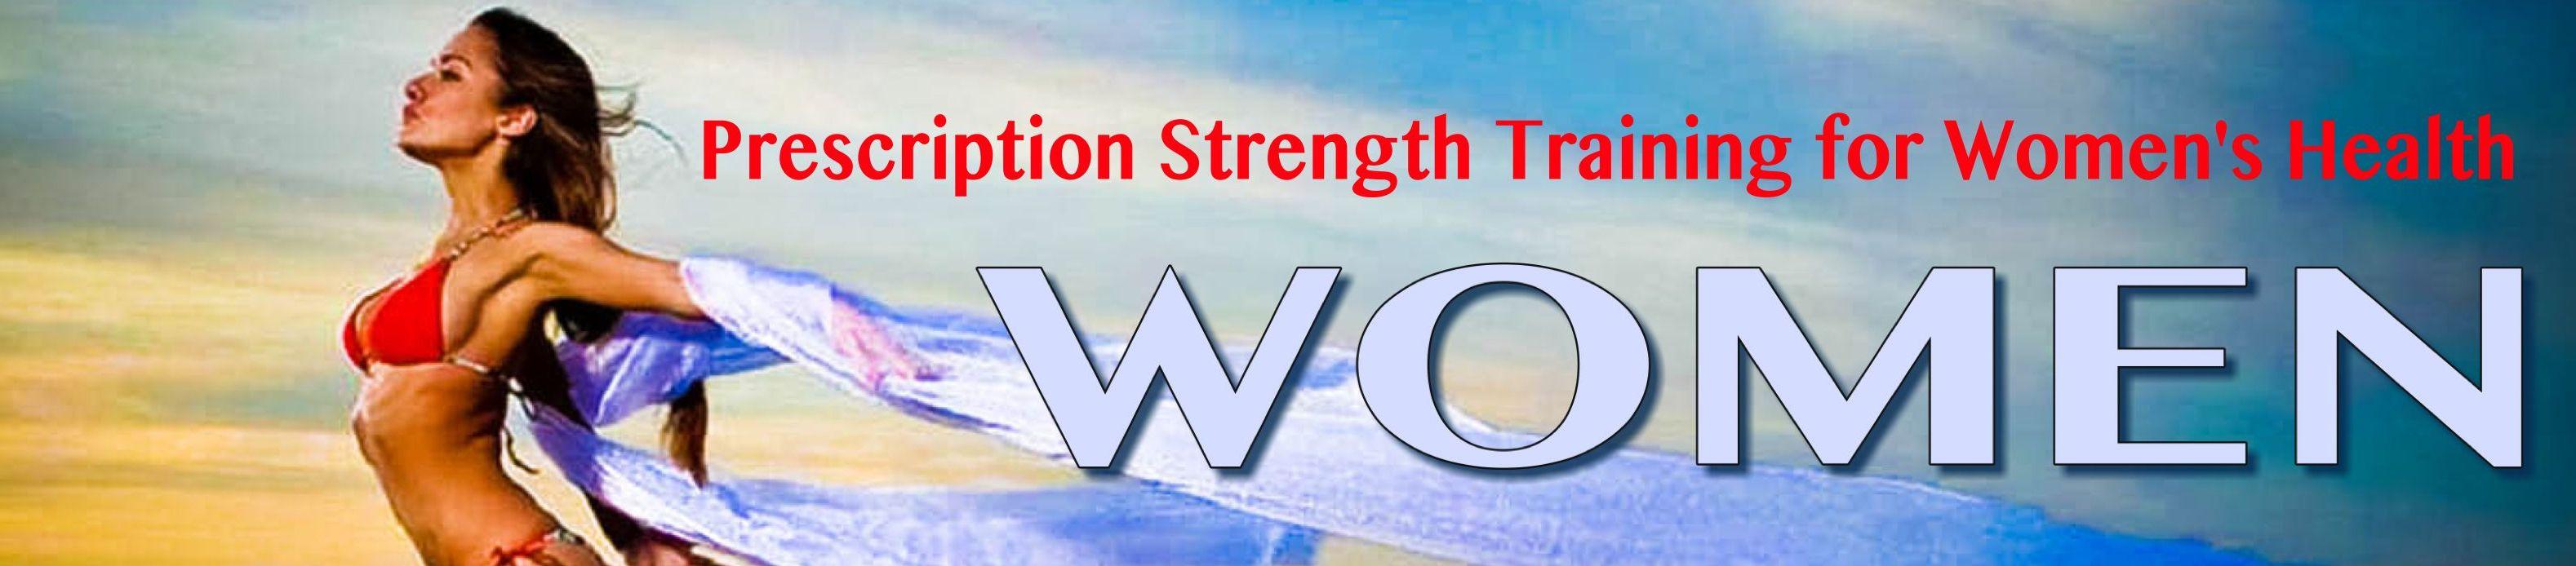 prescription strength training